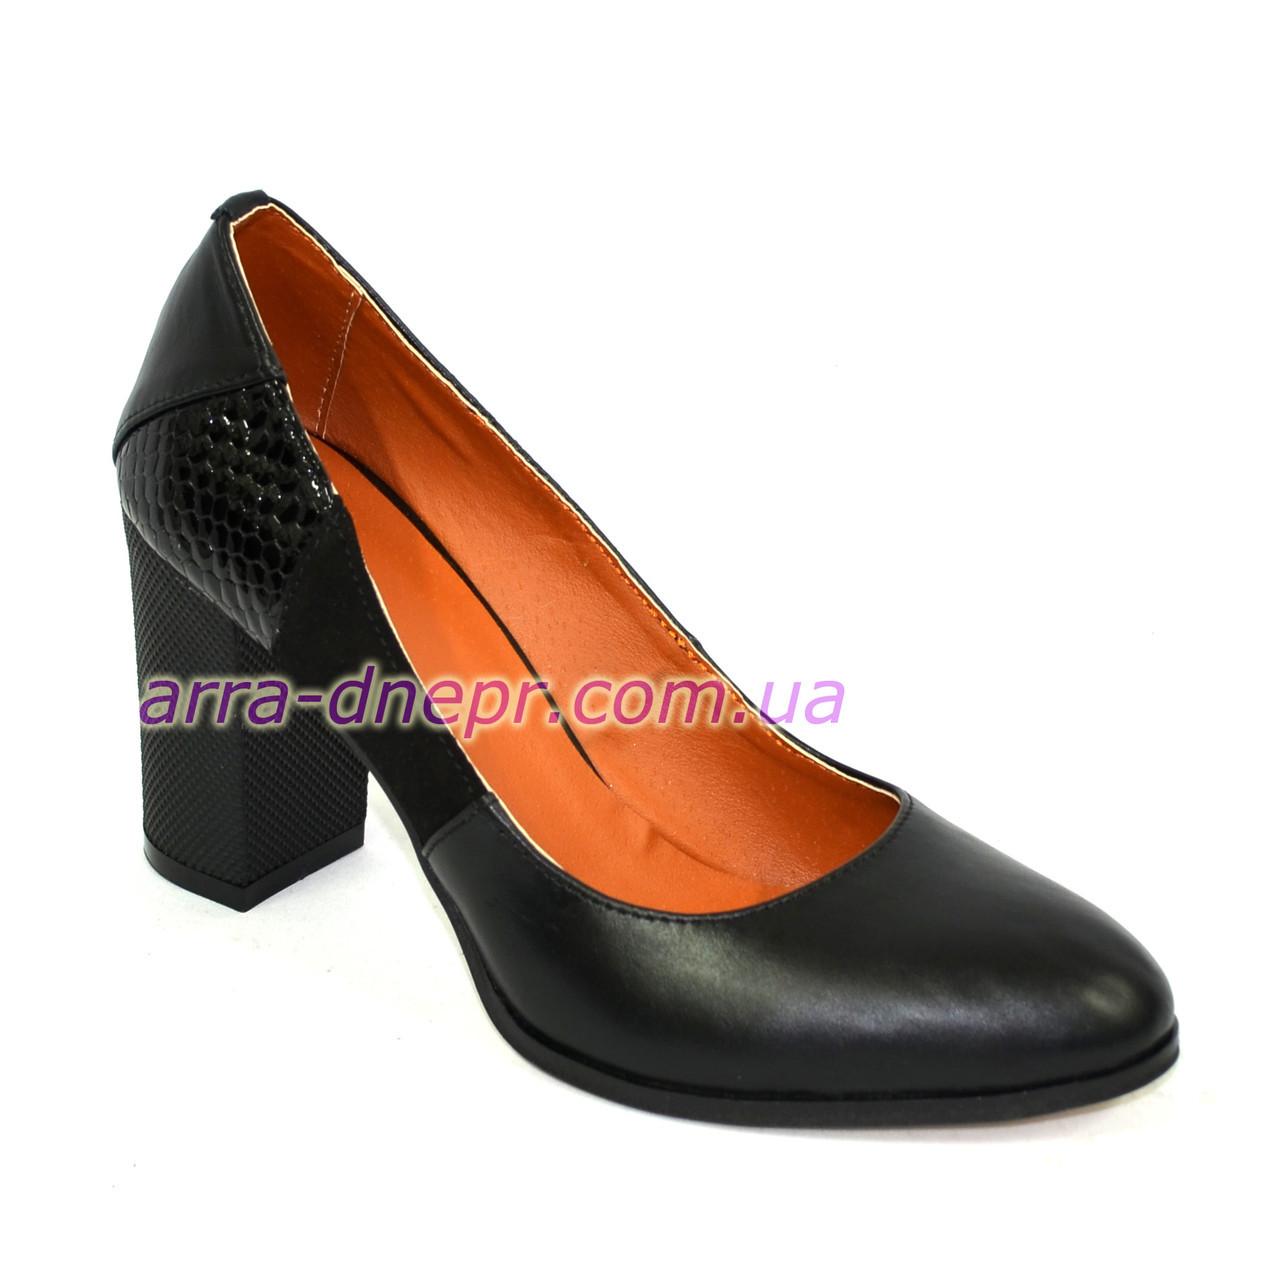 """Женские кожаные классические туфли на устойчивом каблуке, со вставками замши и лаковой кожи """"питон"""""""